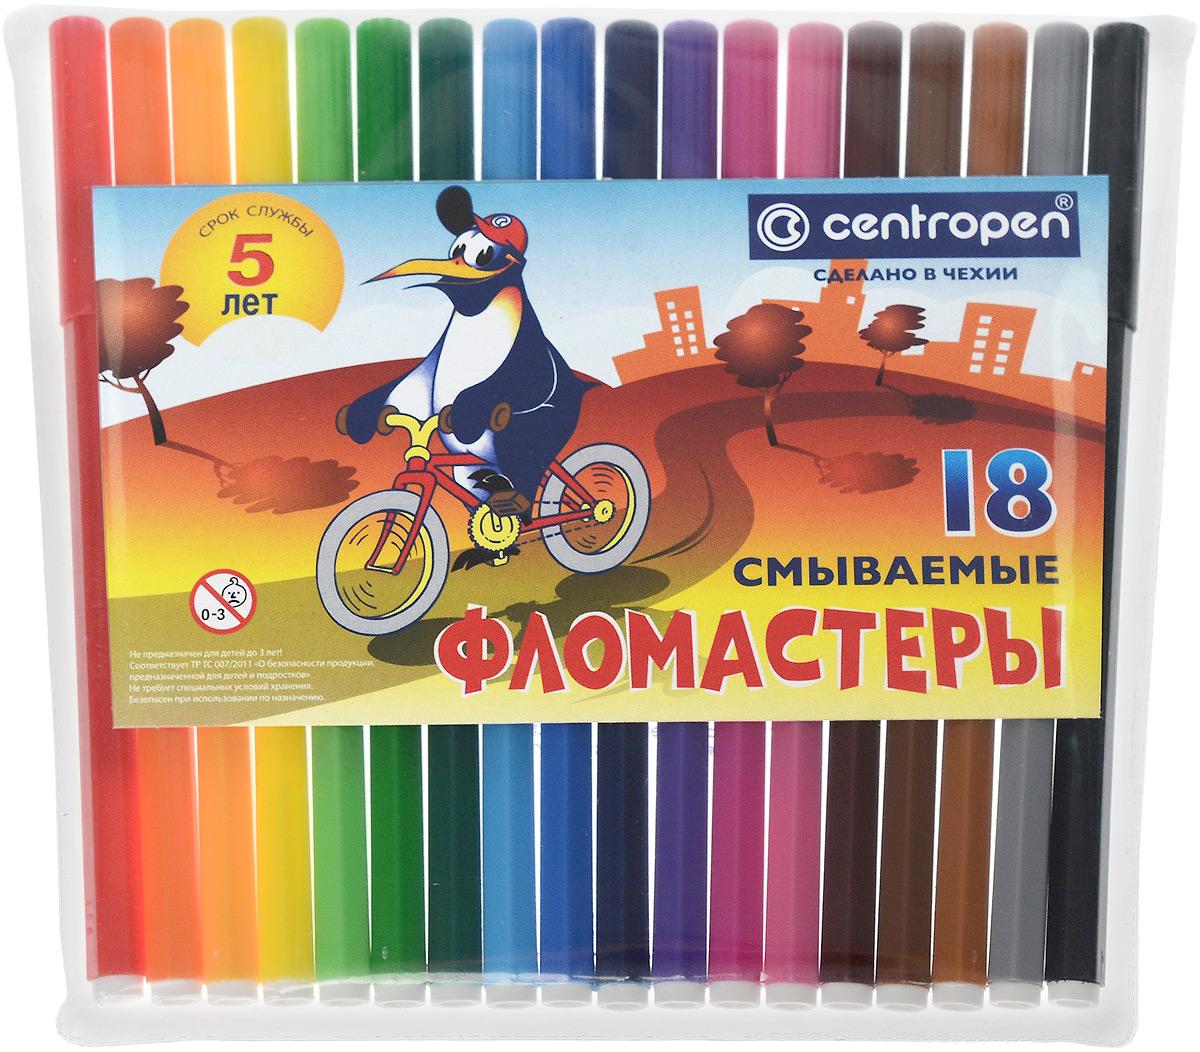 Фломастеры 18 цветов Centropen ПИНГВИНЫ в пластиковом пакете7790P 1886След чернил может быть легко смыт водой с мылом или отстиран с тканей. Яркие цвета делают этот набор незаменимым для развития творческих способностей у детей.